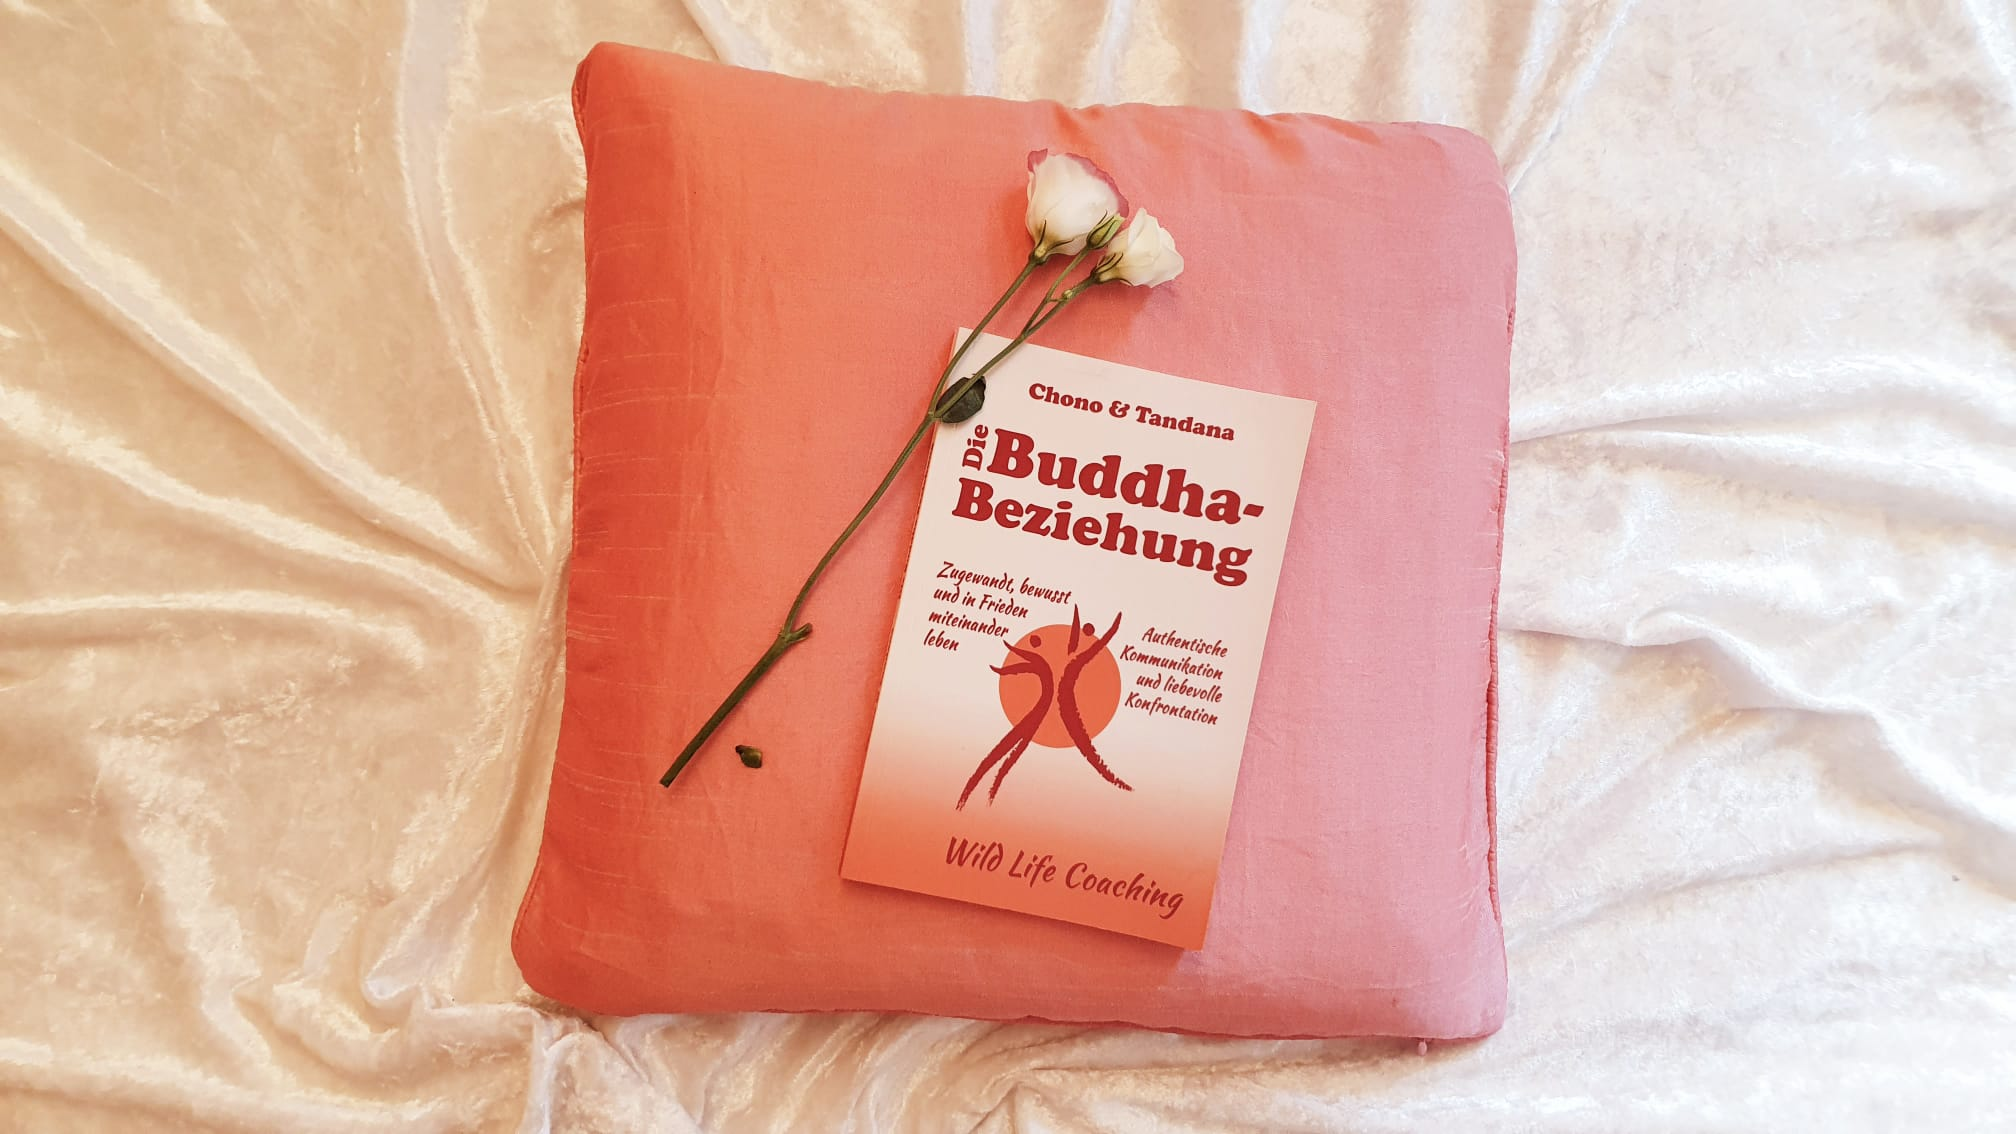 Taschenbuch Buddha-Beziehung auf einem Kissen mit Blumen, Liebe, Kommunikation, Freiheit und Frieden